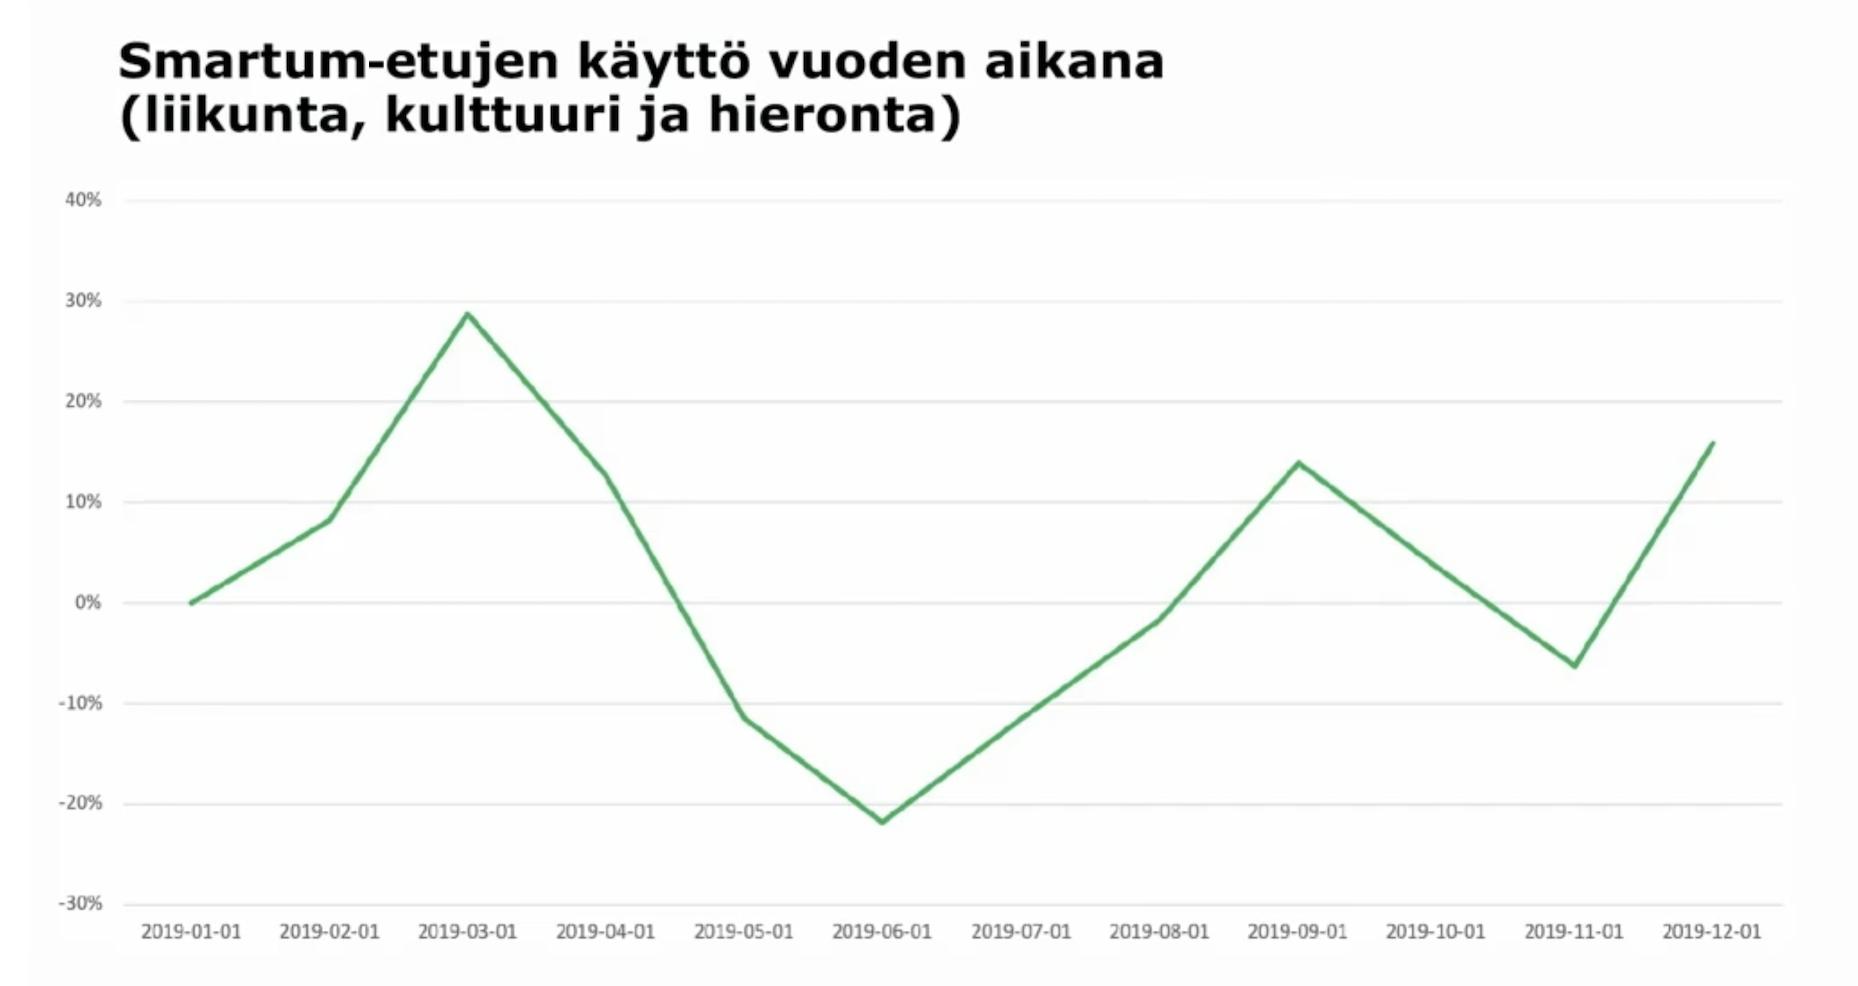 Smartum-etujen käytössä nähdään kovimmat piikit tammikuussa ja syyskuussa.